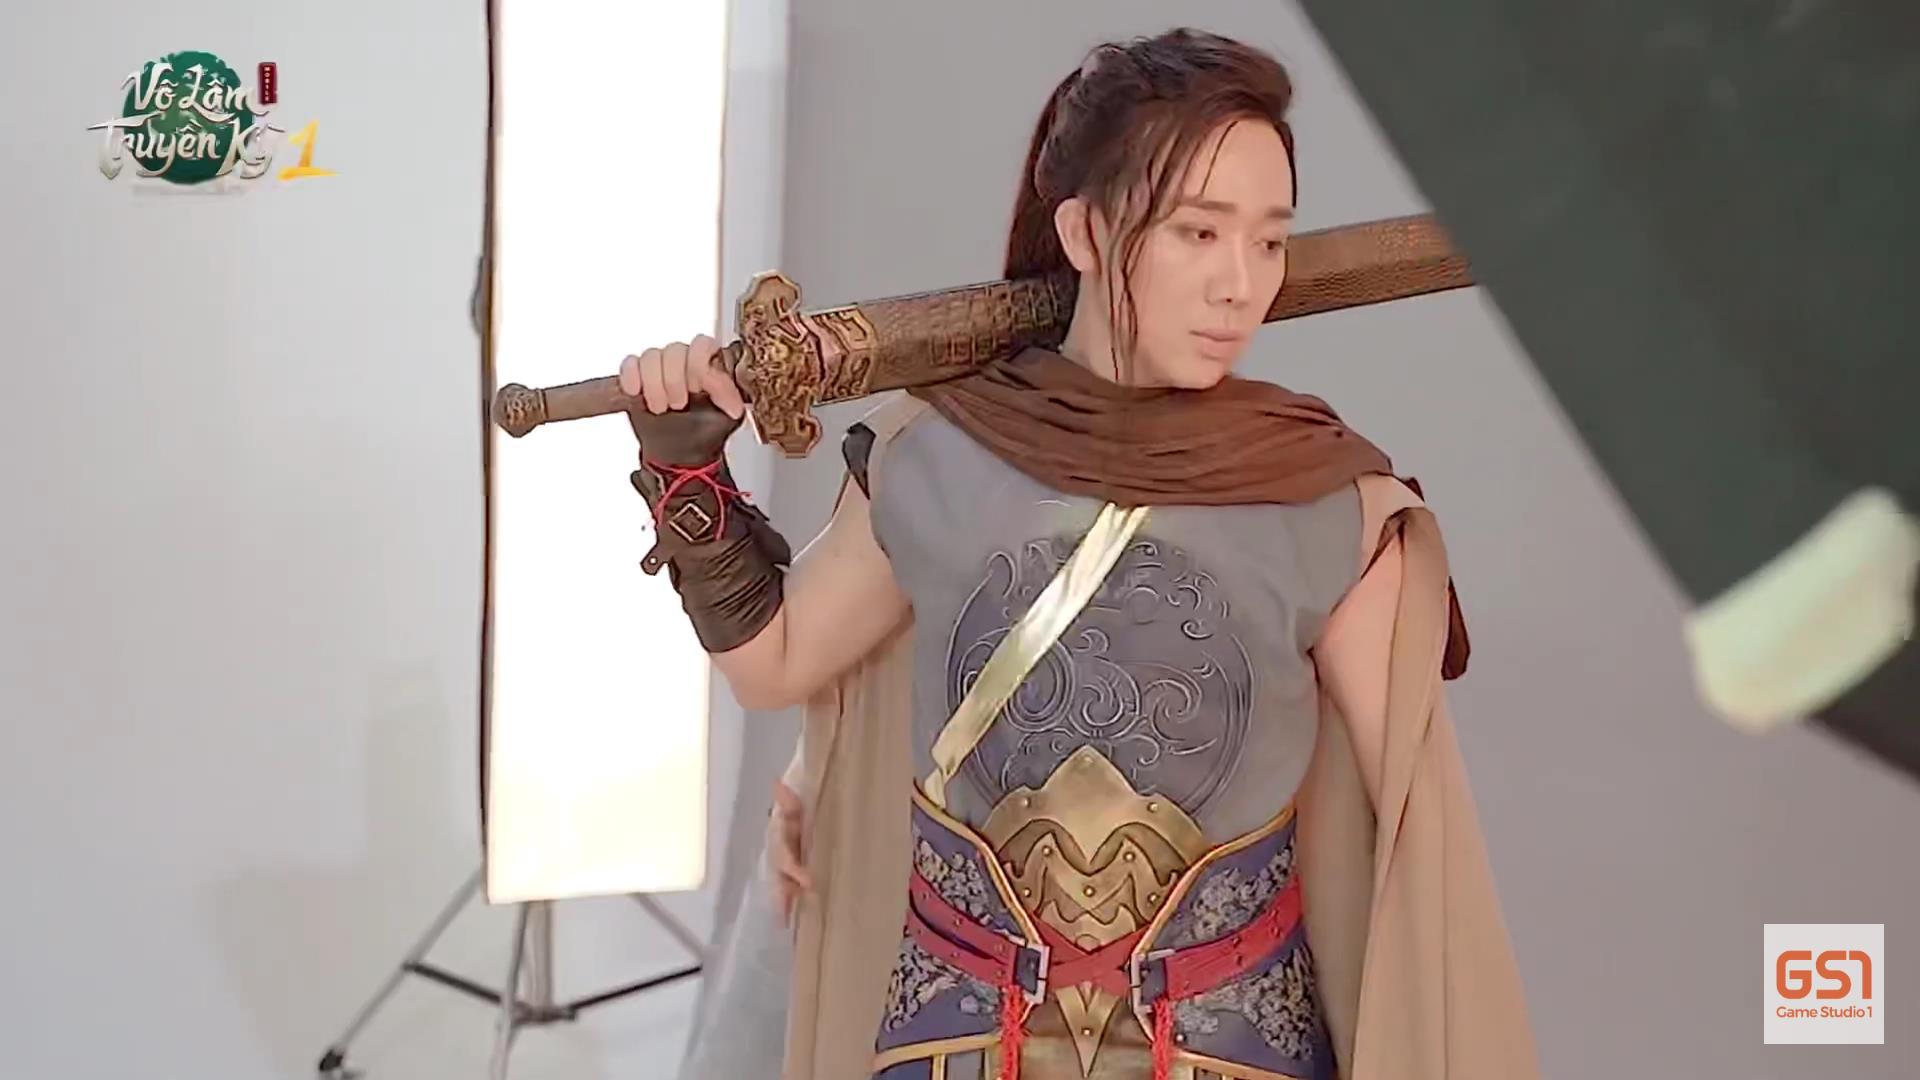 Trấn Thành - đại sứ của Võ Lâm Truyền Kỳ 1 Mobile có màn hóa thân đầy bất ngờ trong video hậu trường - Ảnh 5.